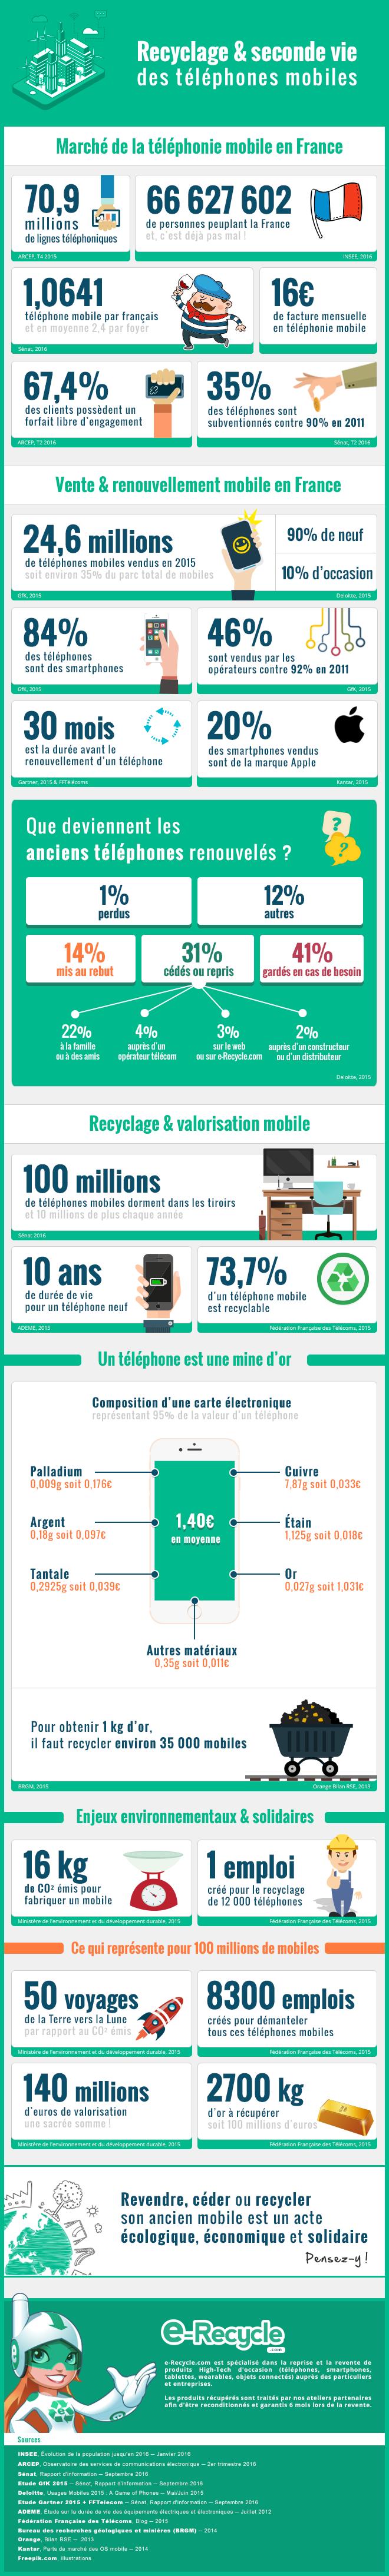 recyclage des portables